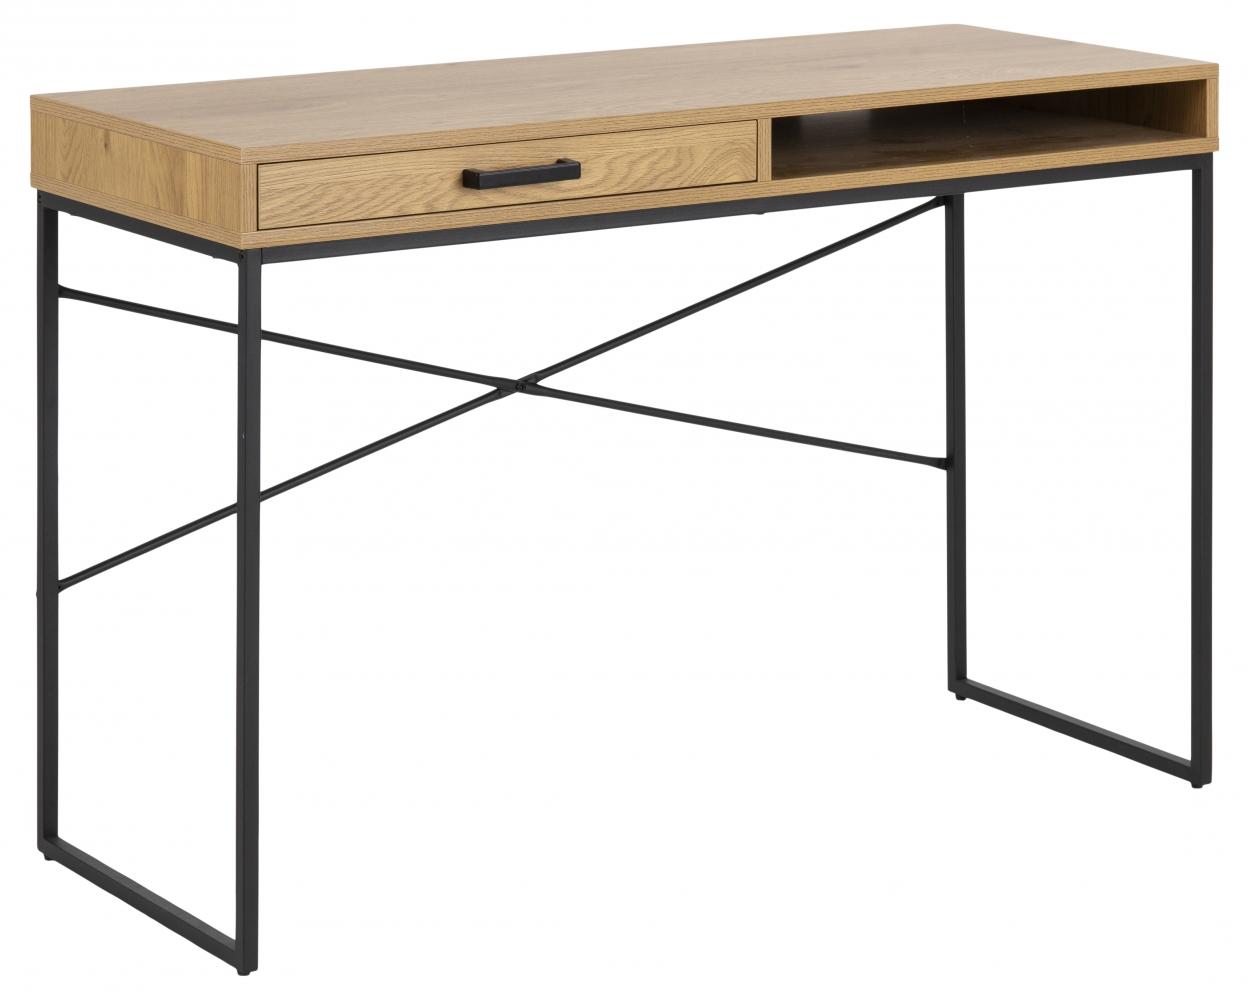 Pracovní stůl Seaford, 110 cm, MDF, přírodní